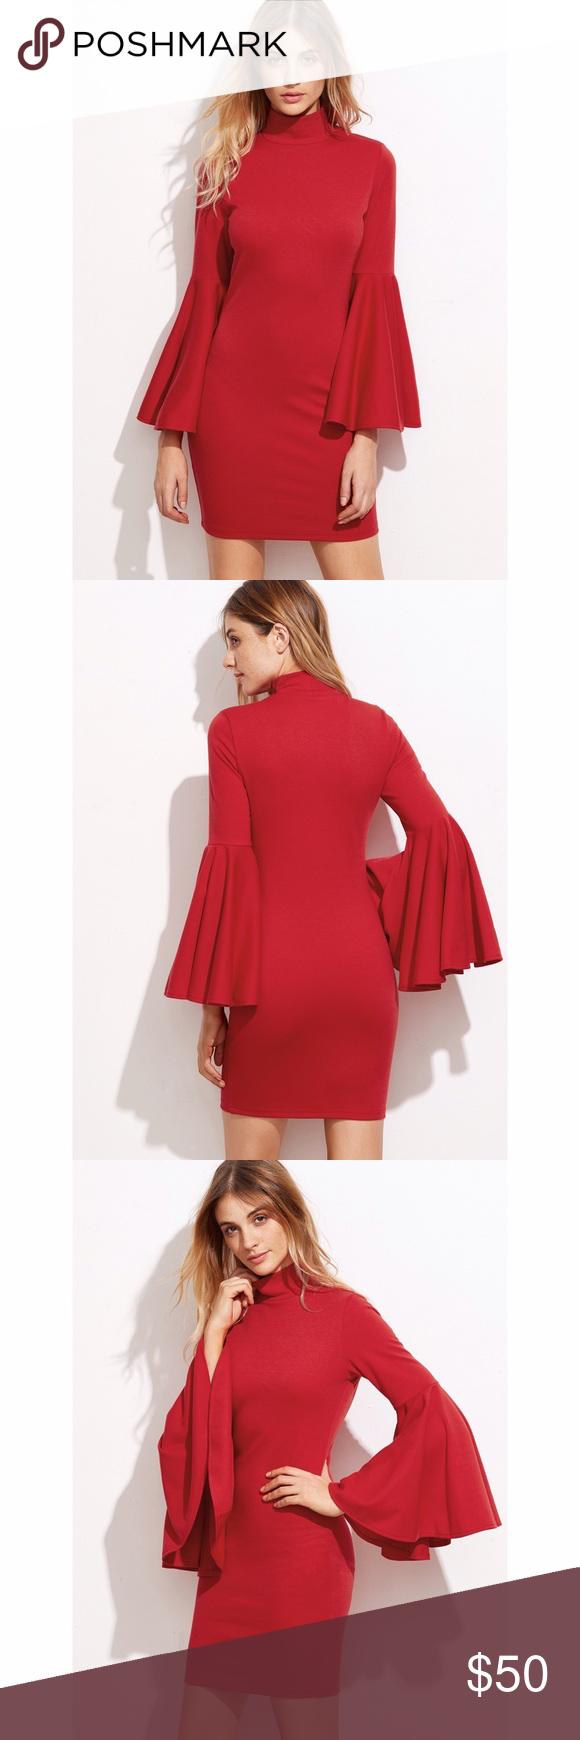 Nwt zara red bodycon dress zara dresses bodycon dress and minis